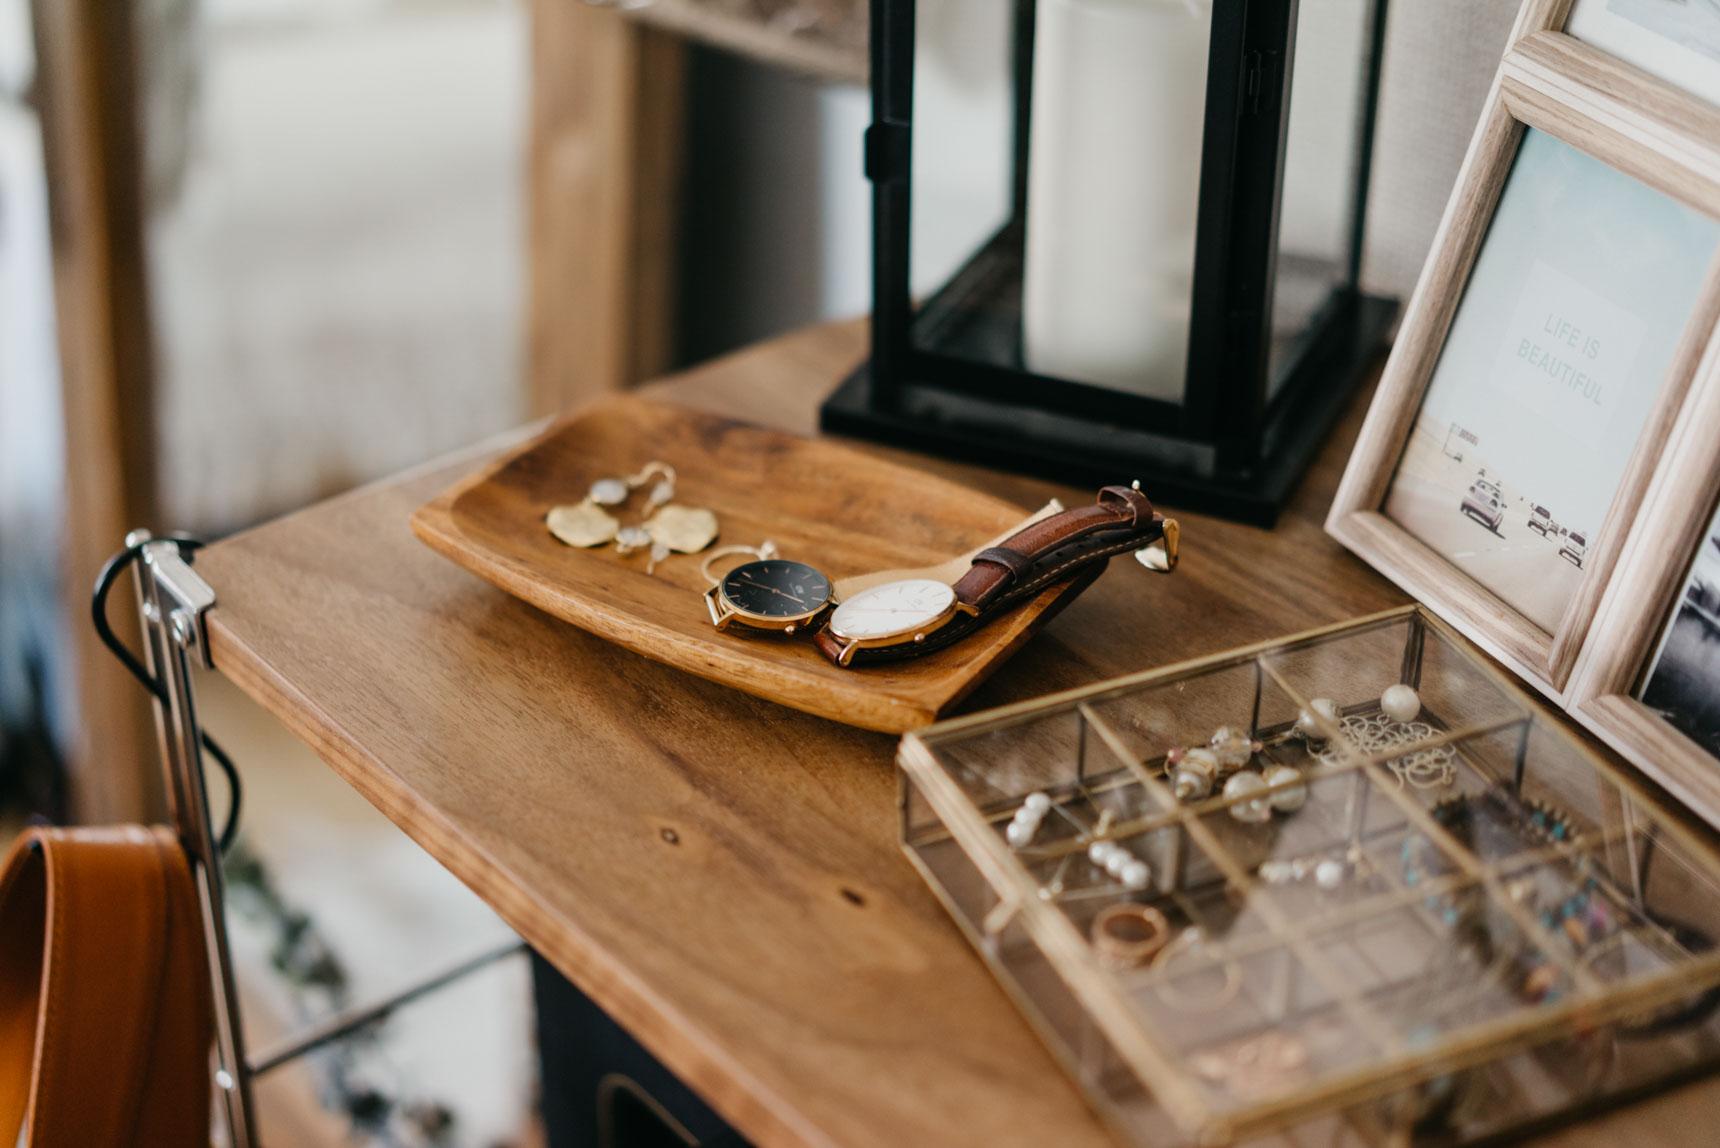 アクセサリーや時計をちょっと置くのには、ウッドトレーを使って。